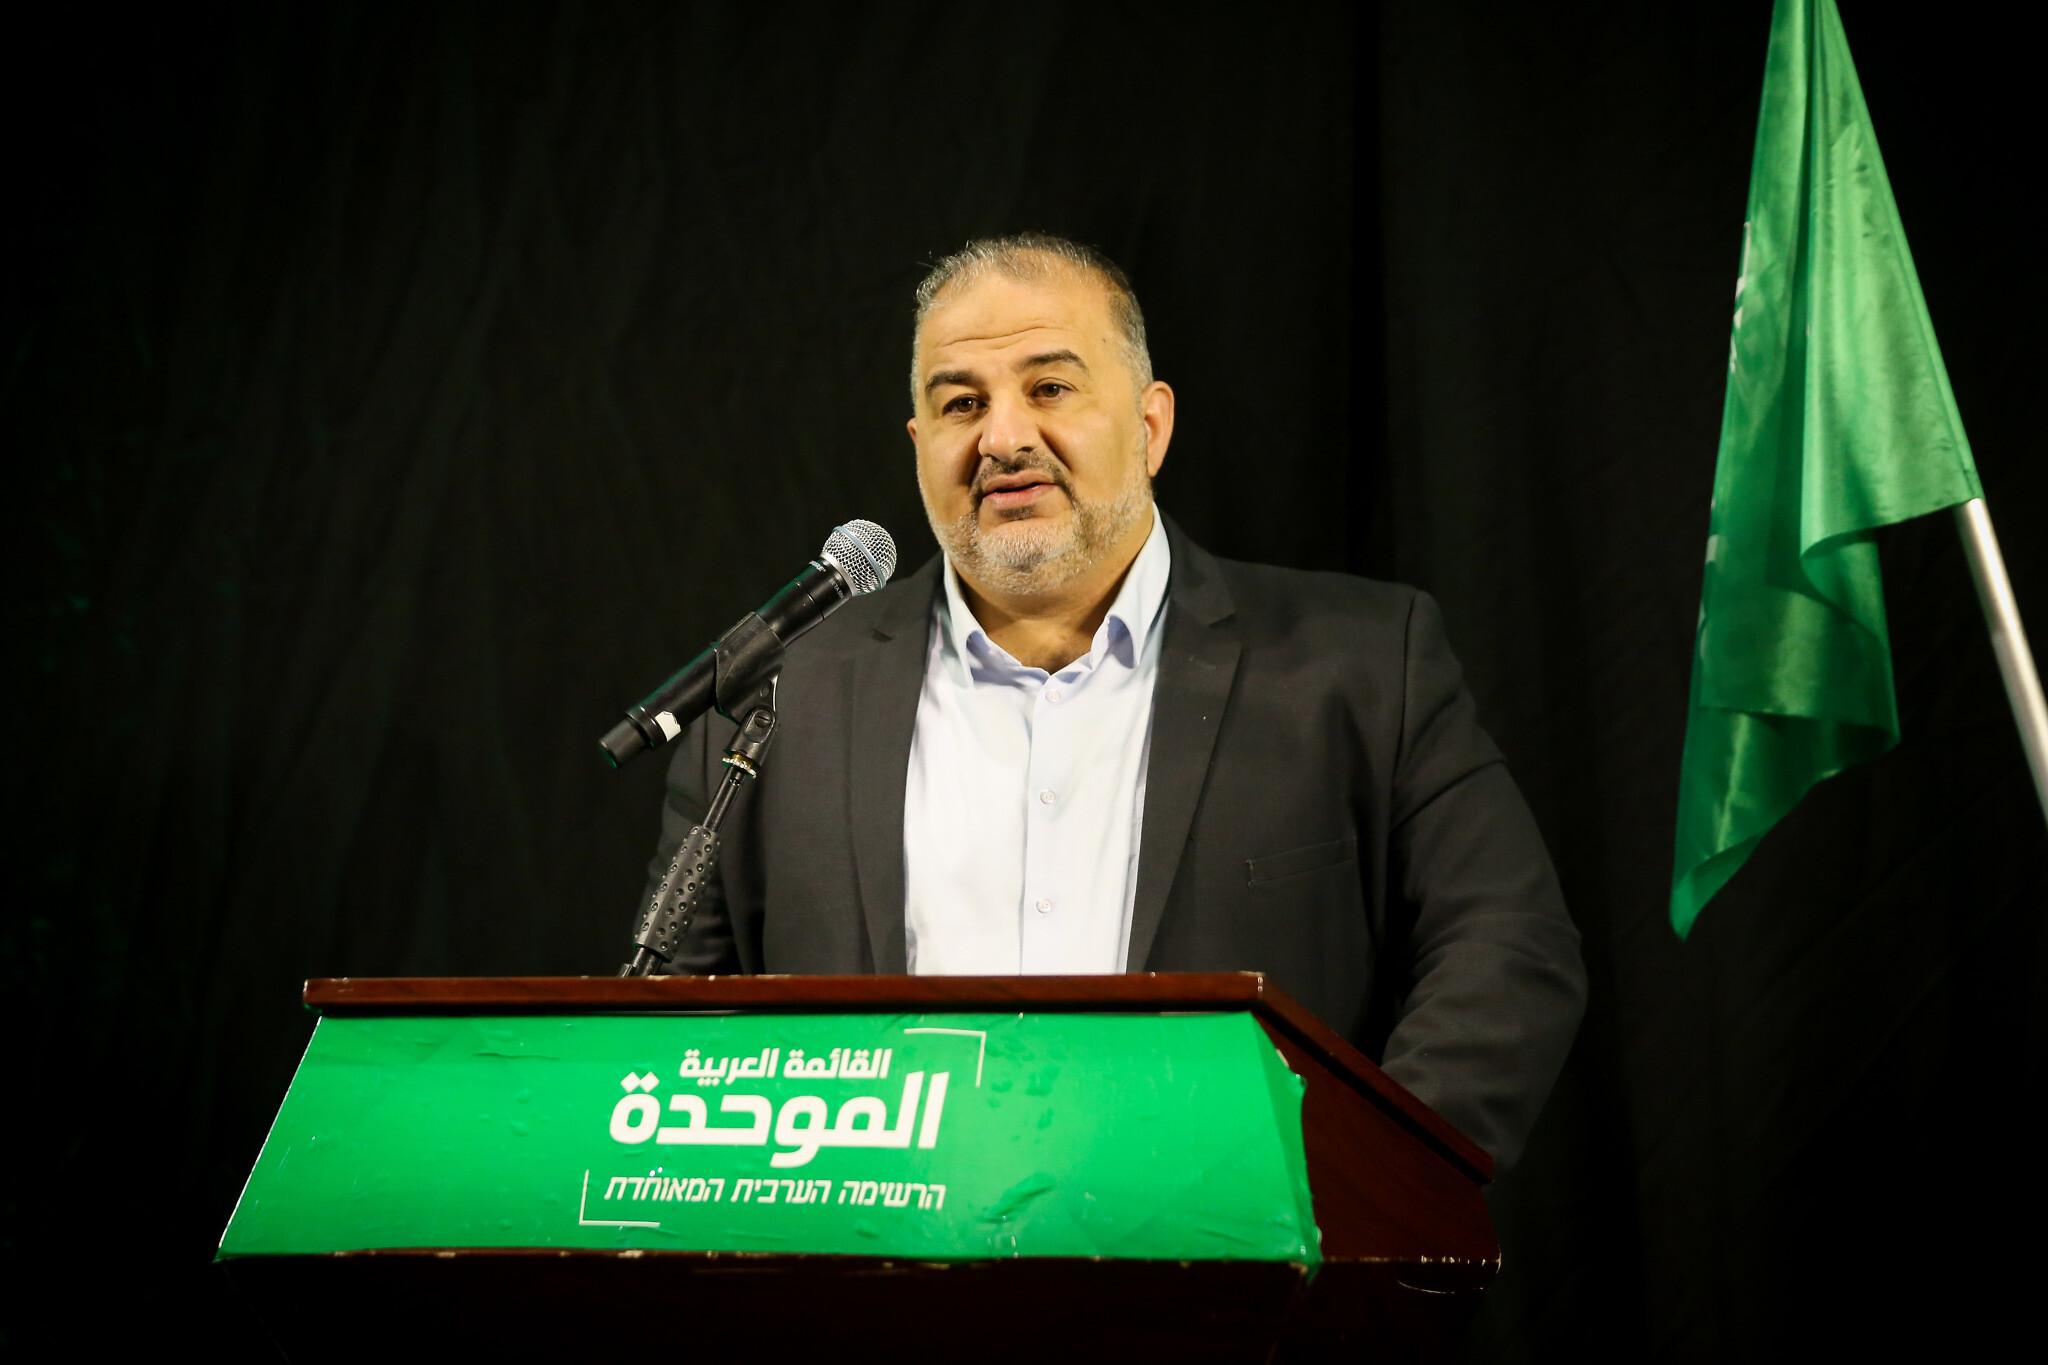 Исламист Аббас призывает к еврейско-арабскому сотрудничеству